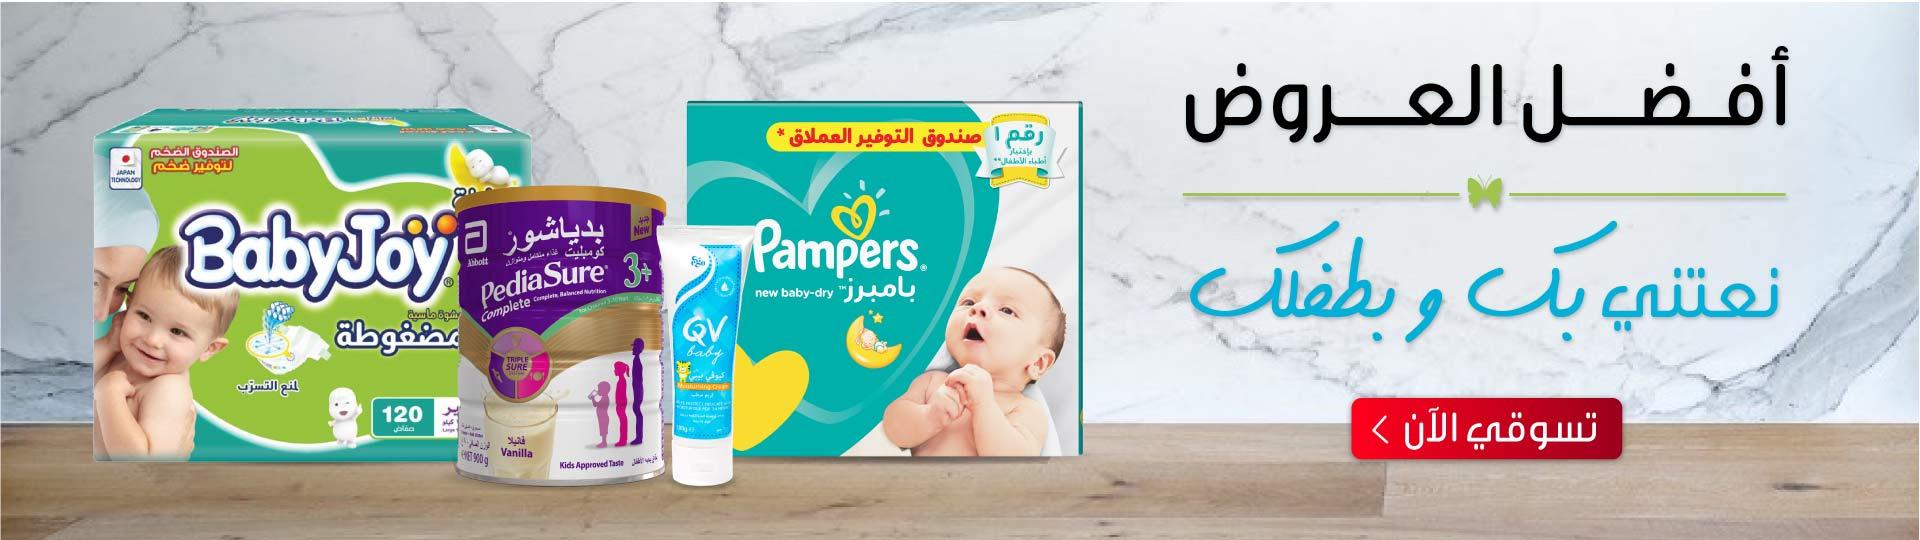 عروض صيدليات النهدي على منتجات الام والطفل